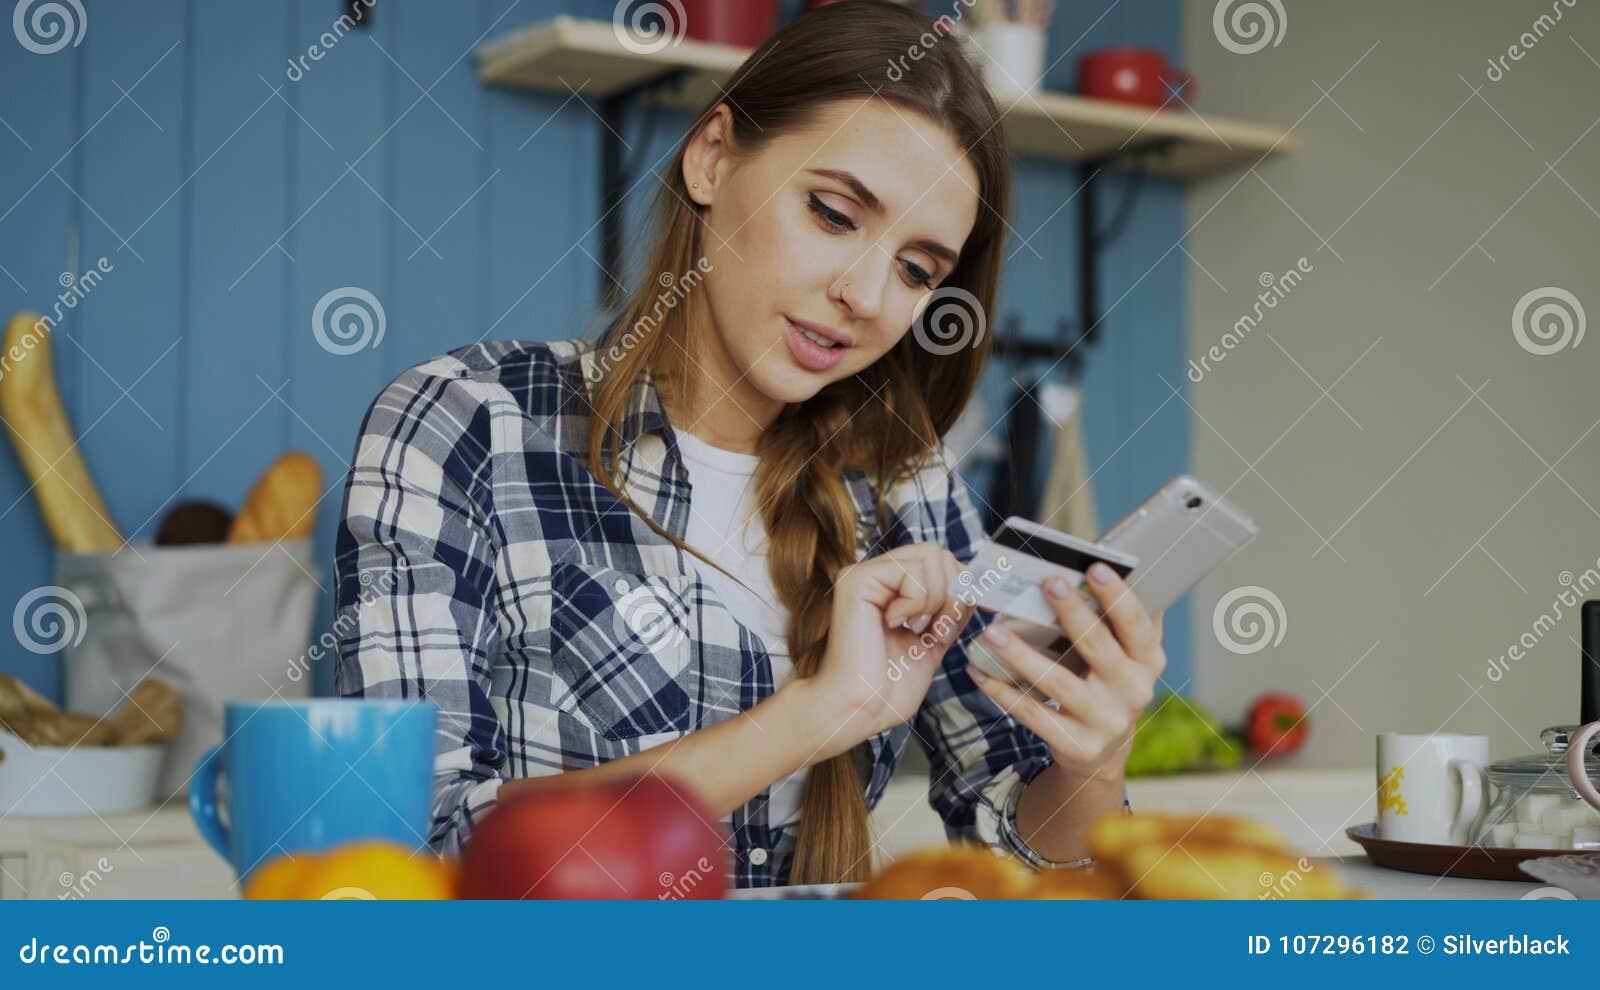 微笑的妇女做网上购物的使用智能手机和信用卡,当在家时食用早餐在厨房